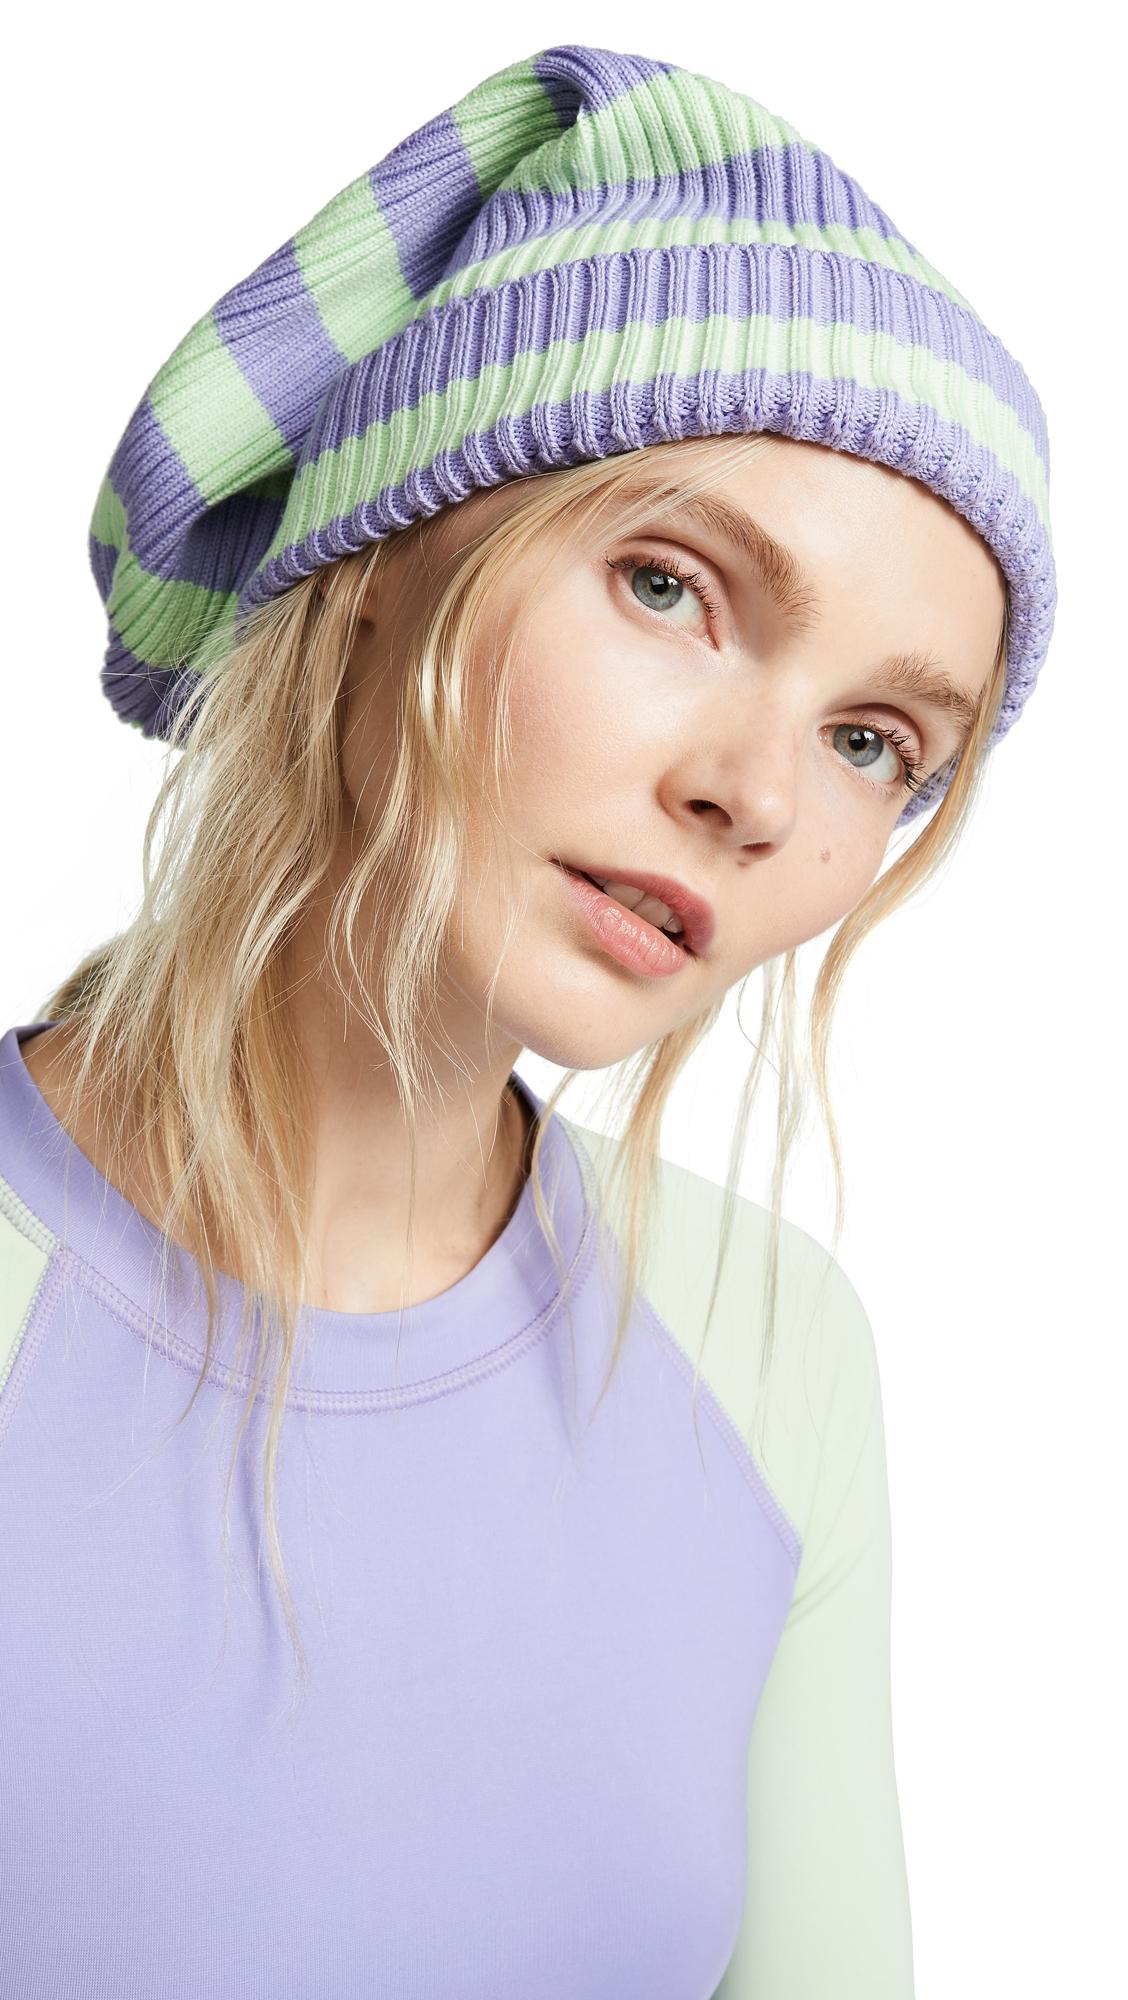 Marc Jacobs Stripe Hat - Lavender/Mint Multi